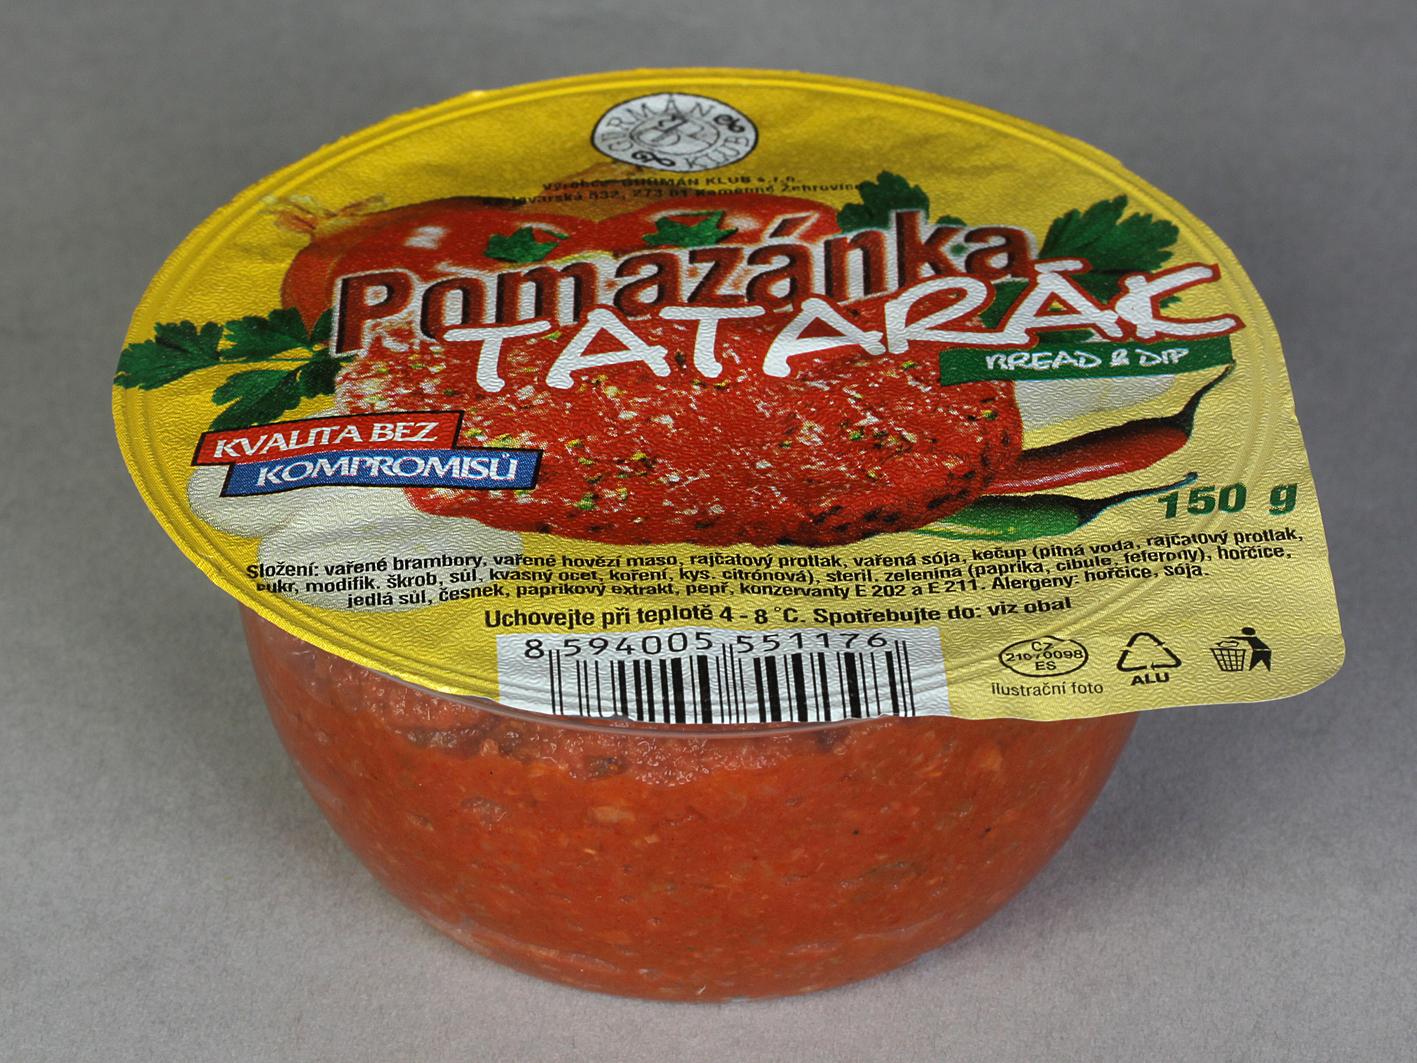 Značka Pomazánka Tatarák 150g